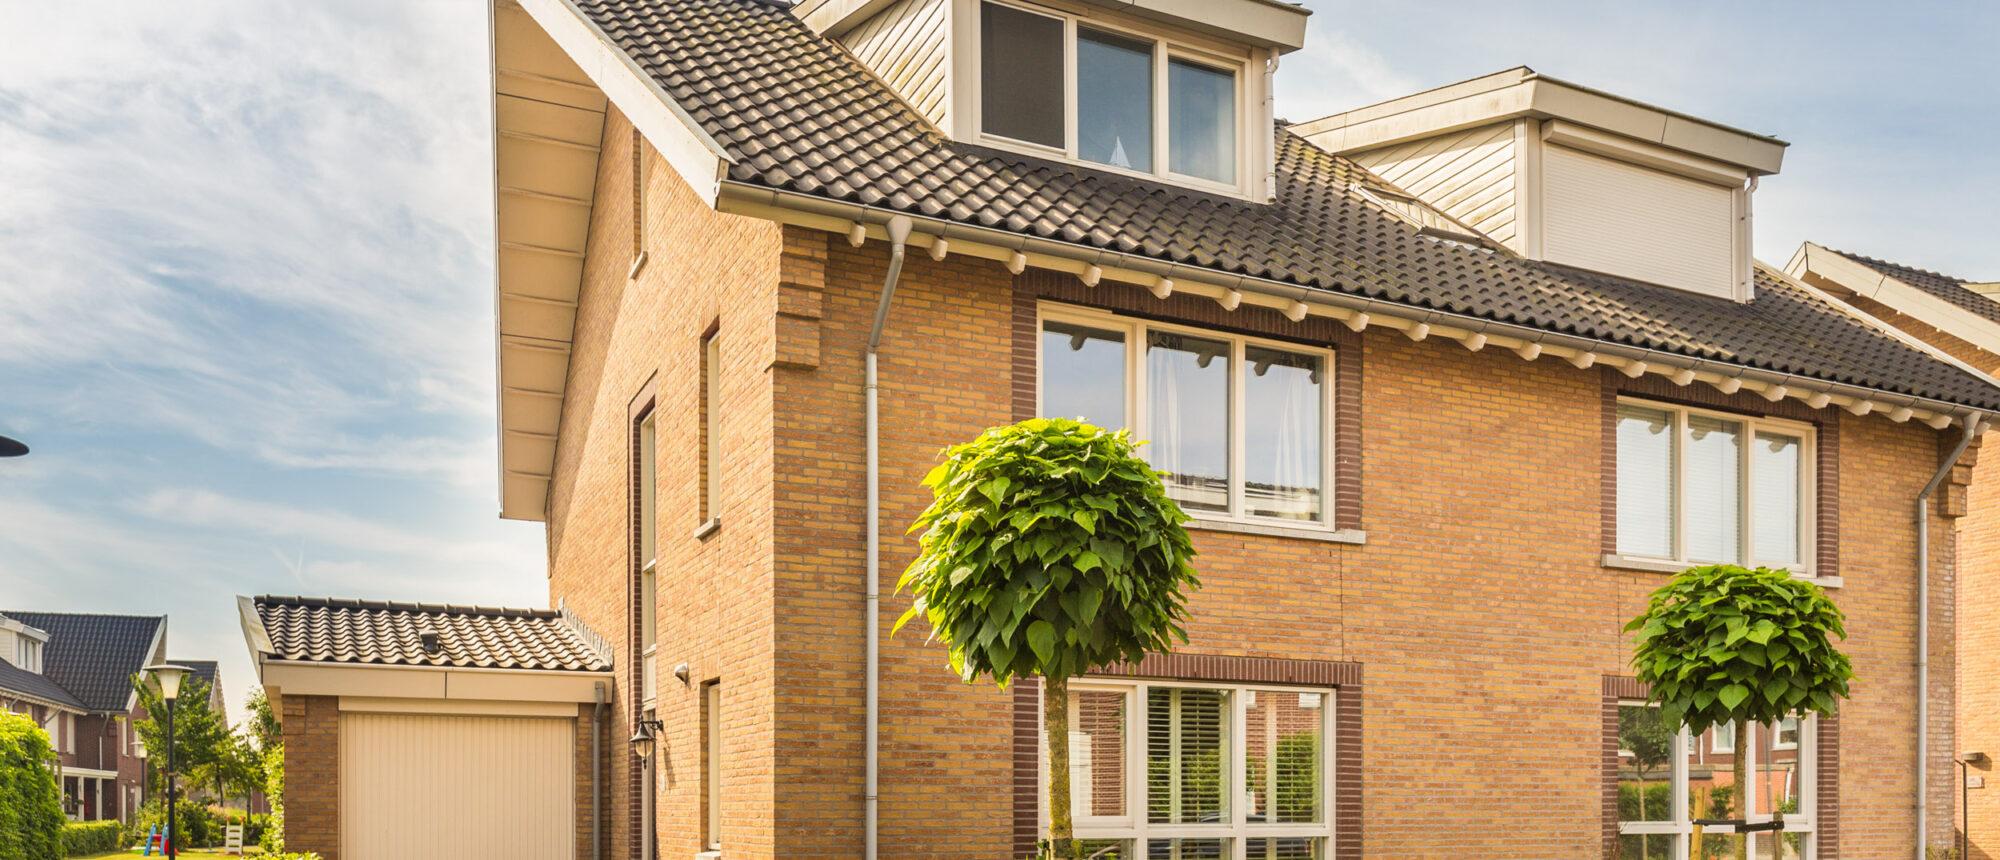 Ontdek hoeveel jij maximaal mag lenen voor het rondkrijgen van de hypotheek